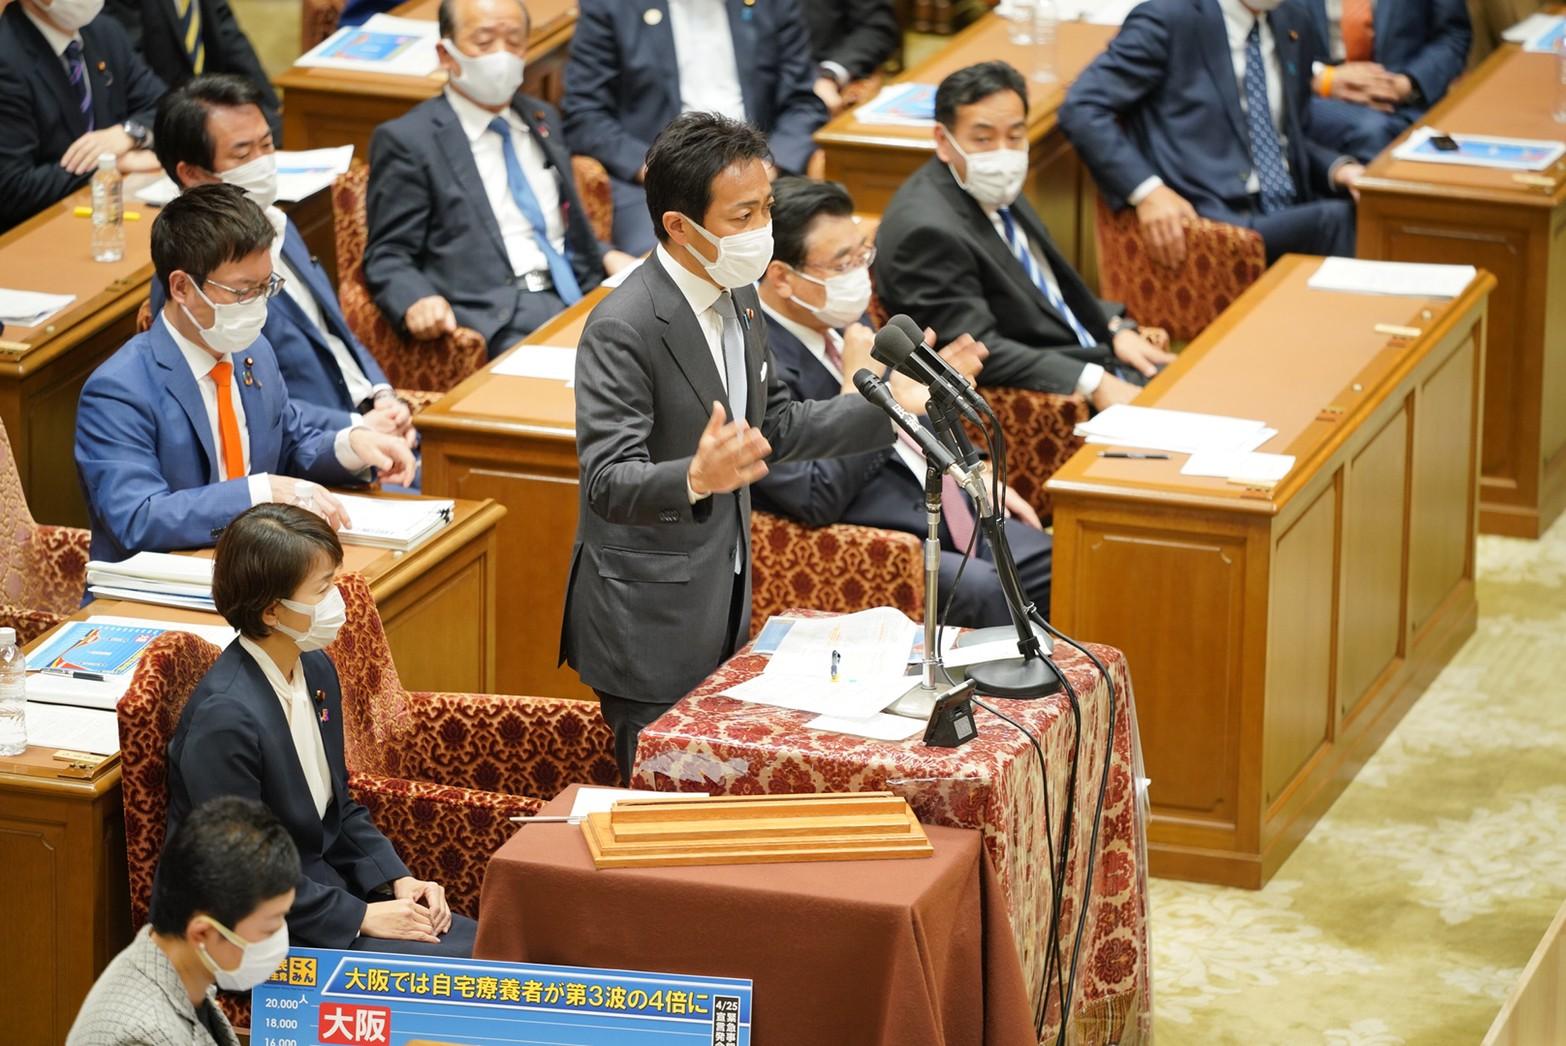 【衆予算委】玉木代表が予算委員会で新型コロナ関連について質疑